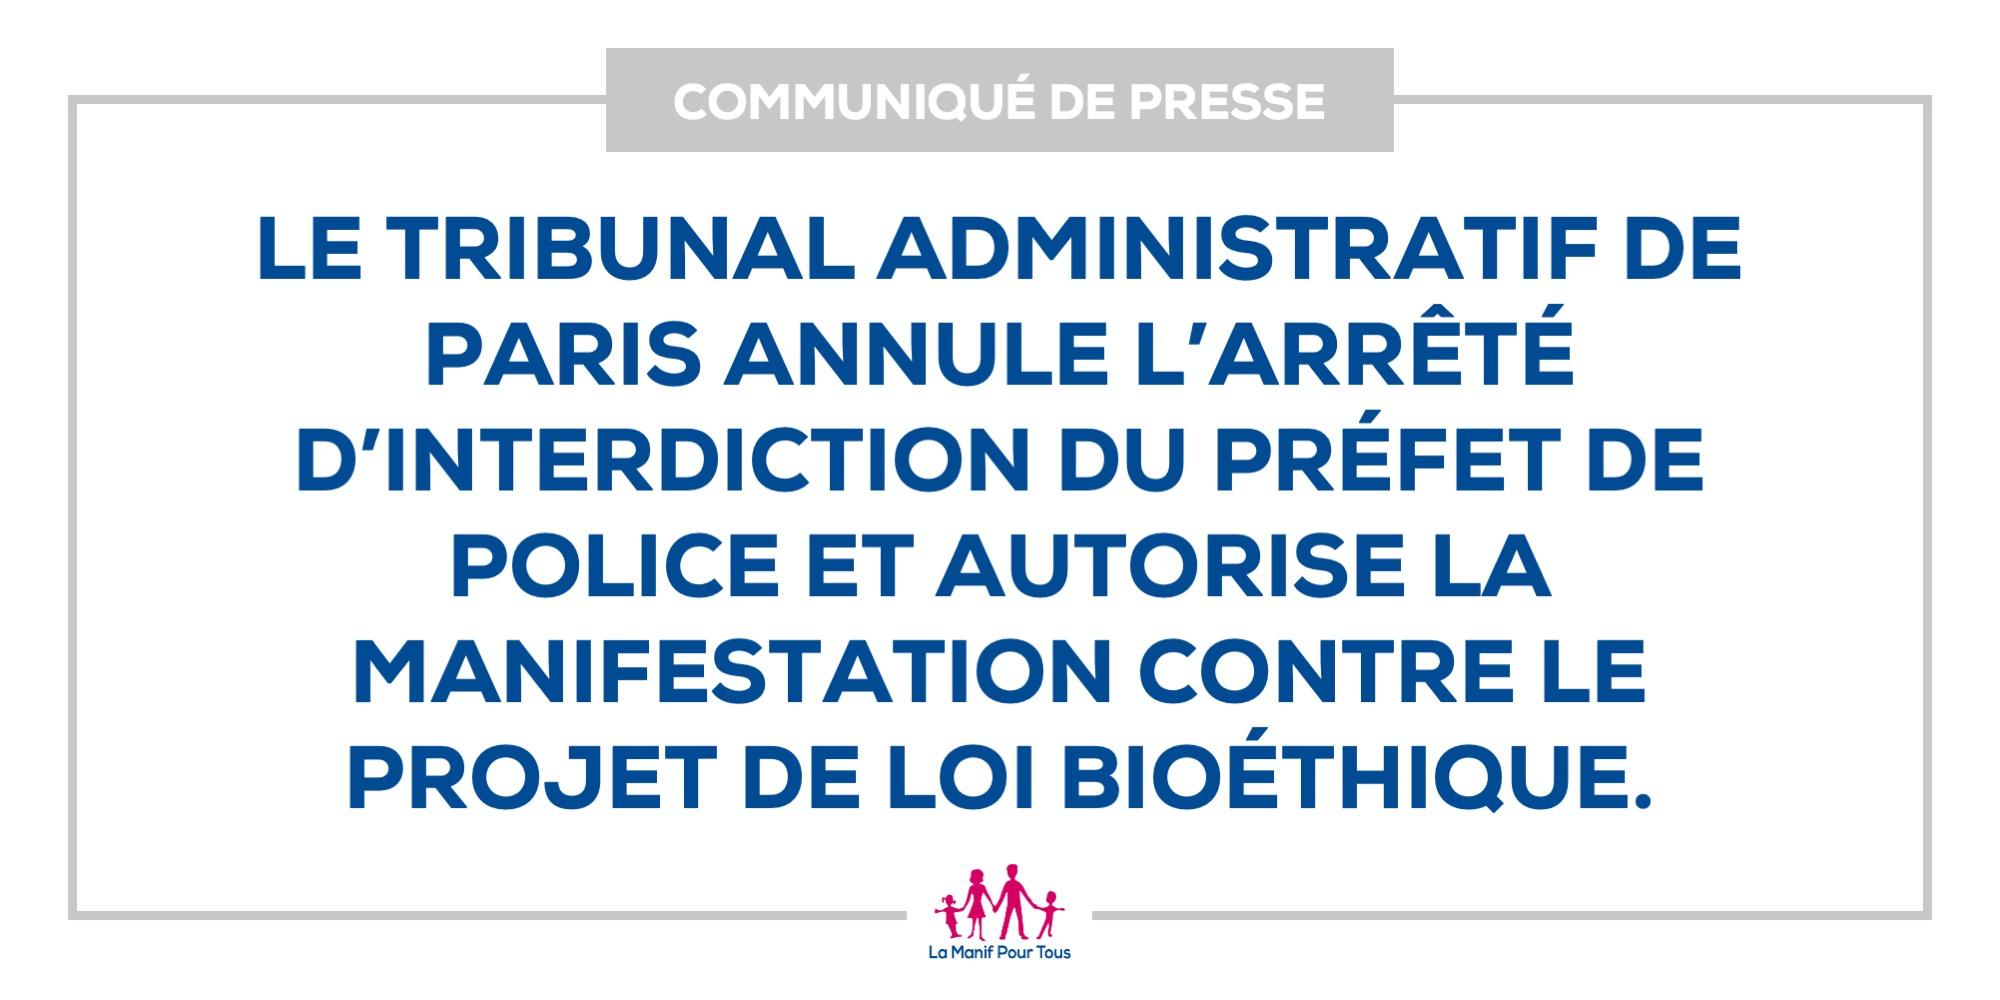 Image - Le tribunal administratif de Paris annule l'arrêté d'interdiction du Préfet de Police et autorise la manifestation « Marchons Enfants ! » contre le projet de loi bioéthique.